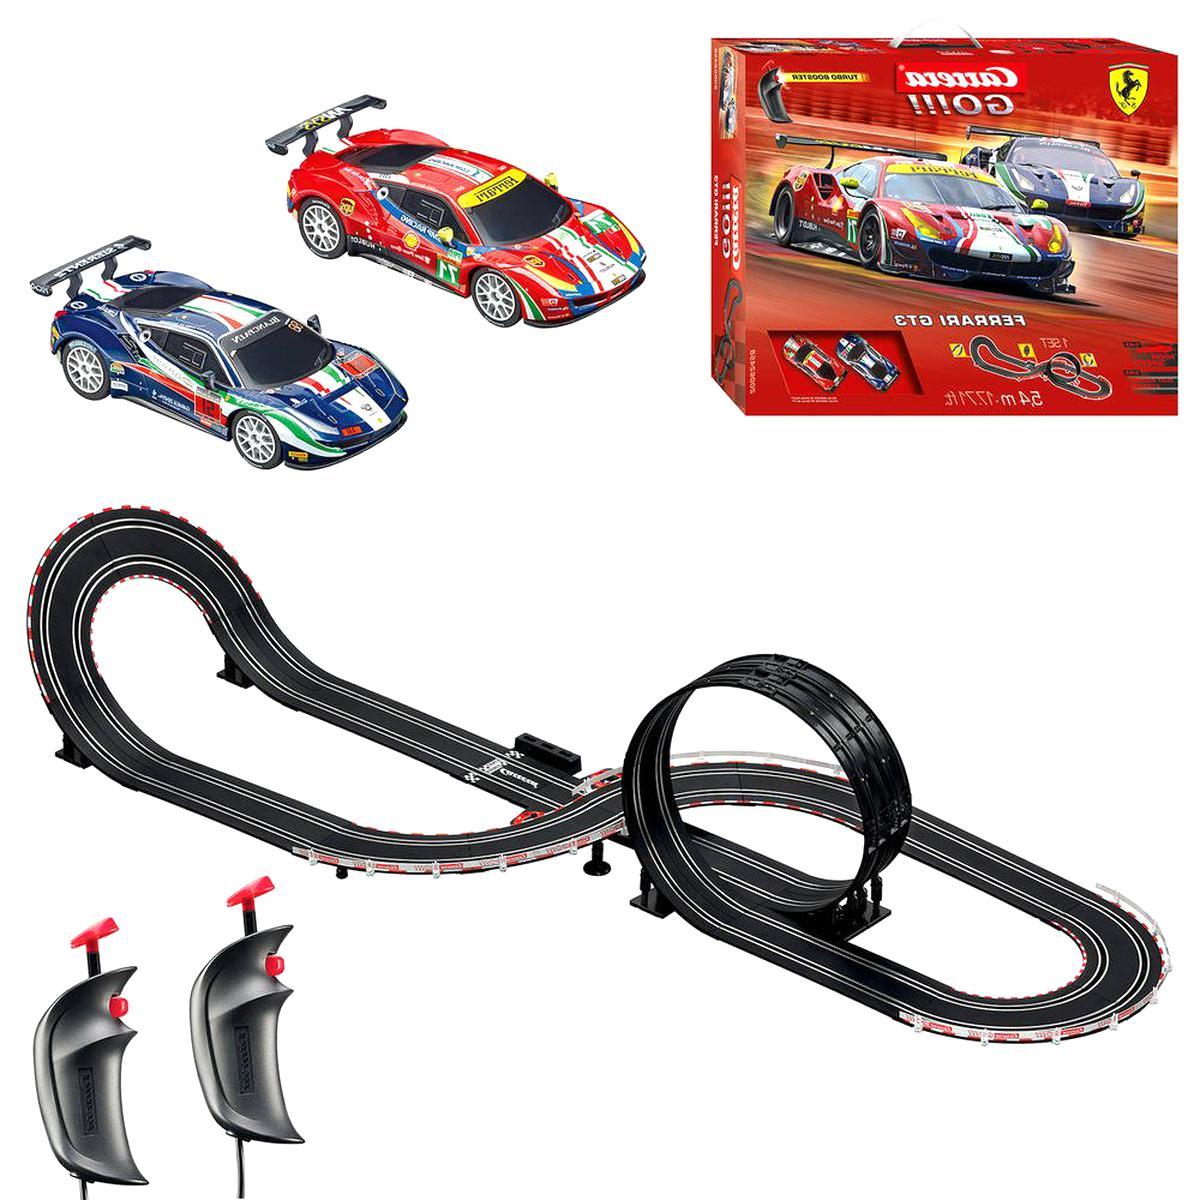 circuit voiture carrera go d'occasion